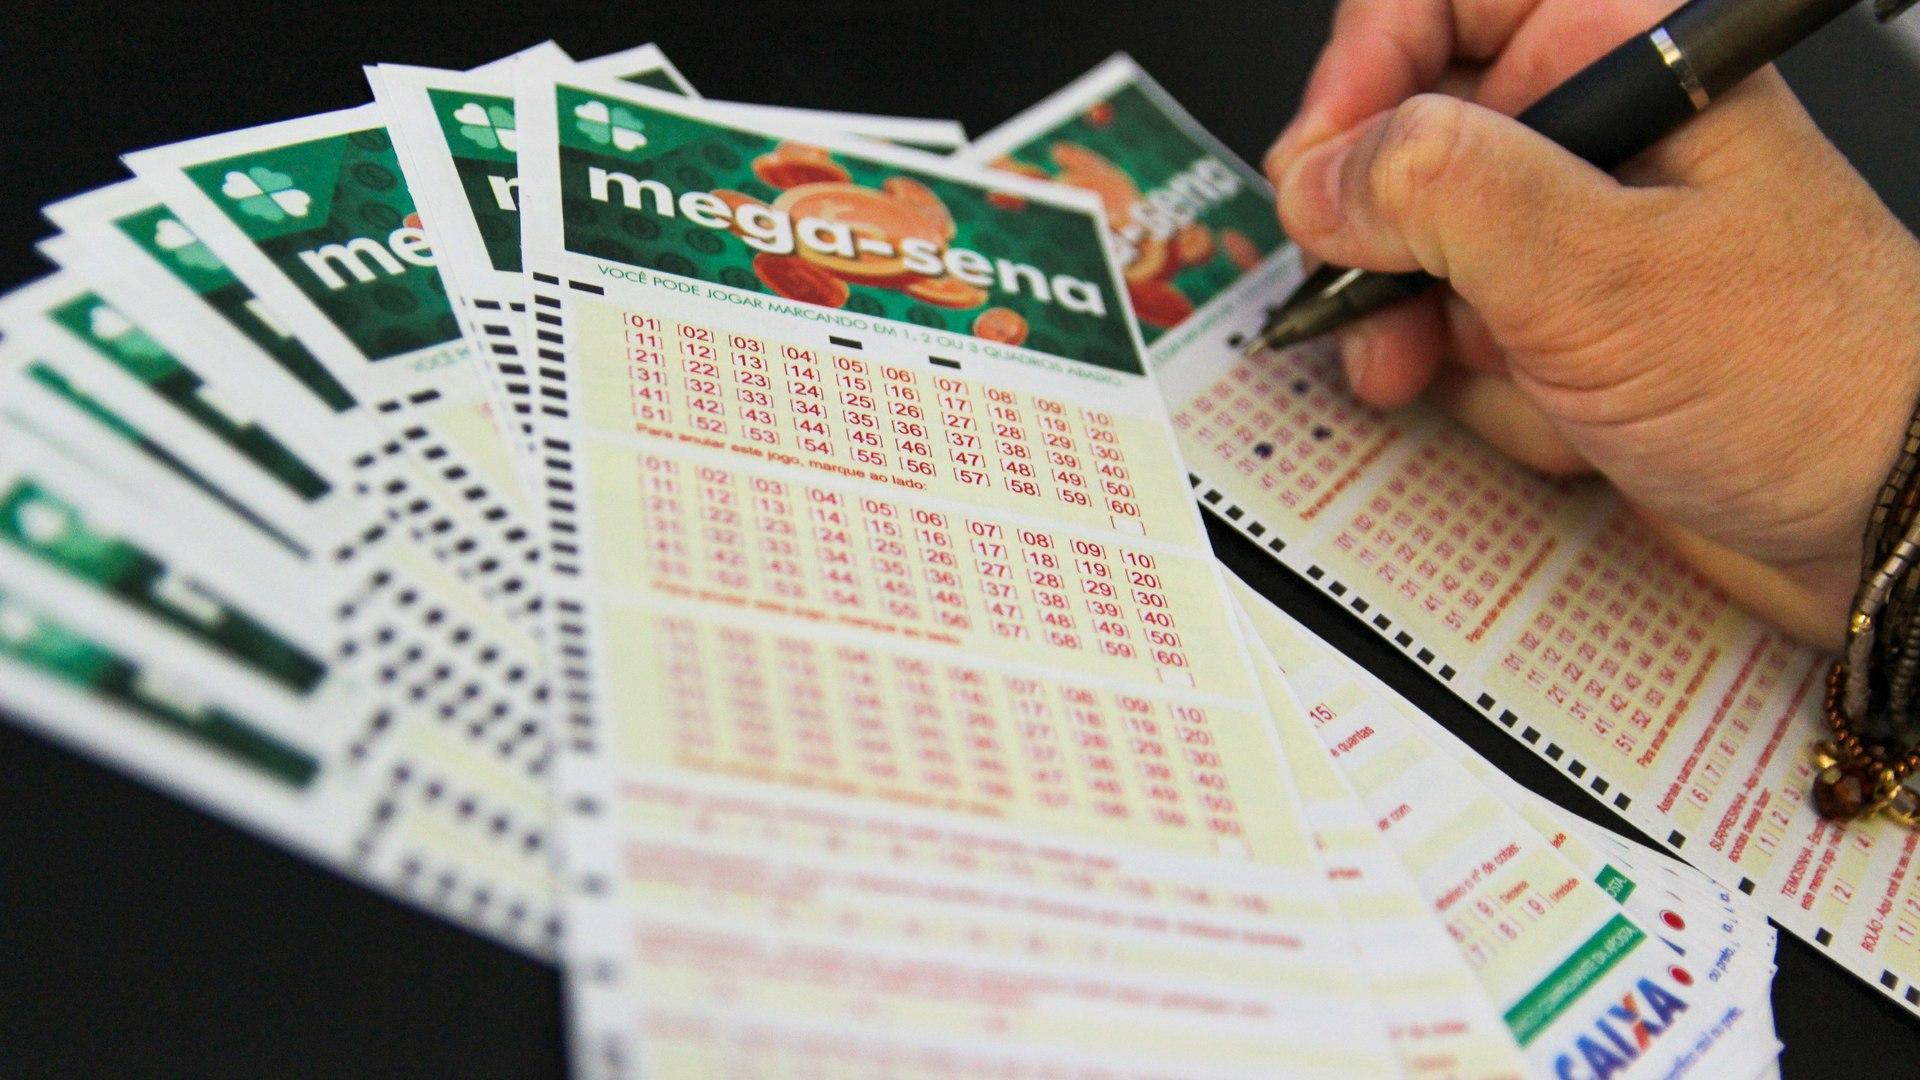 resultado da mega-sena - A imagem mostra um leque de volantes da Mega-Sena e uma mão ao lado marcando número em um volante separado